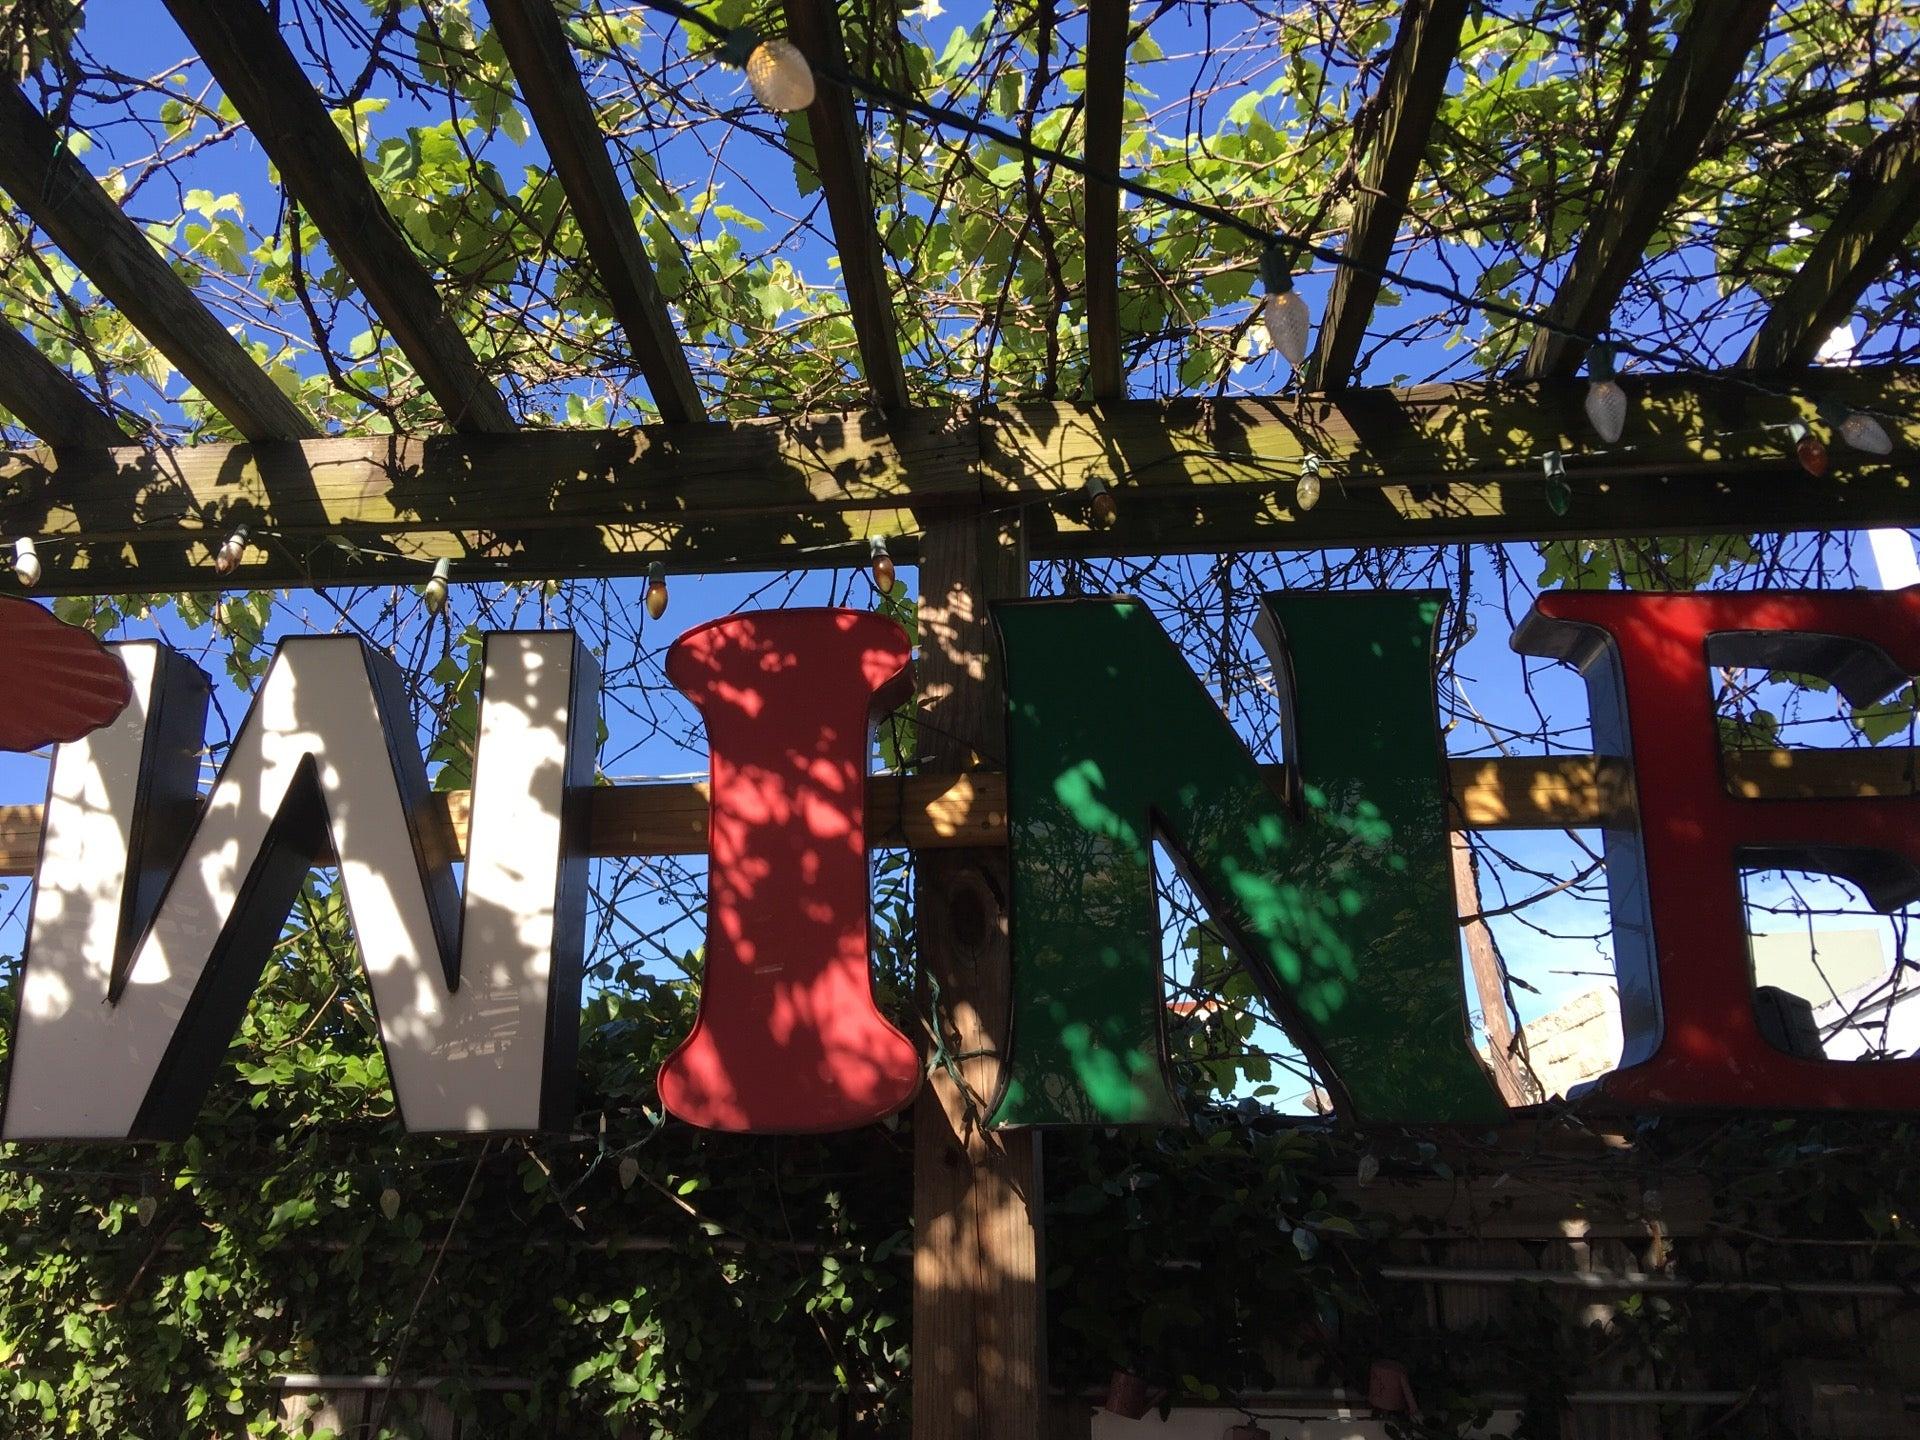 sydney markle angleton texas foursquare and swarm profile giovanni s angleton tx